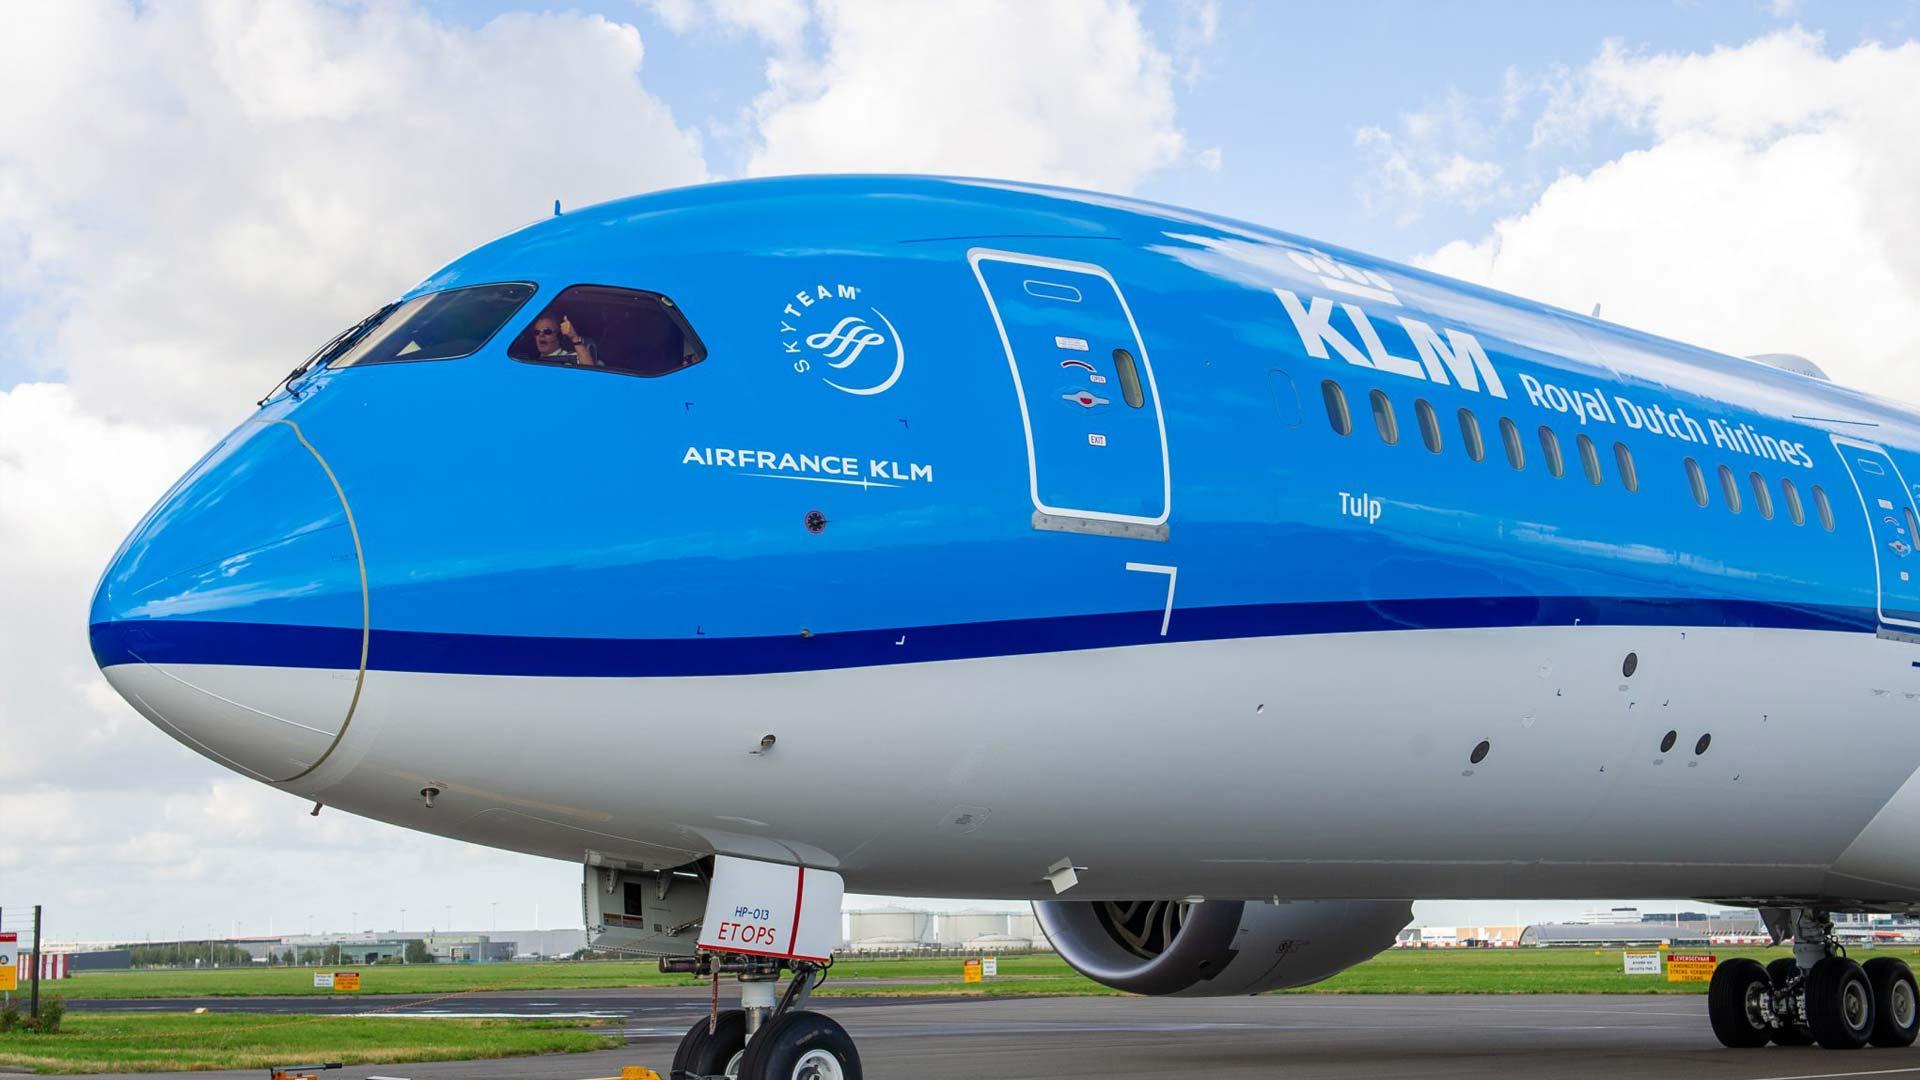 Aerolinea KLM imprime en 3D con botellas de plástico reciclado